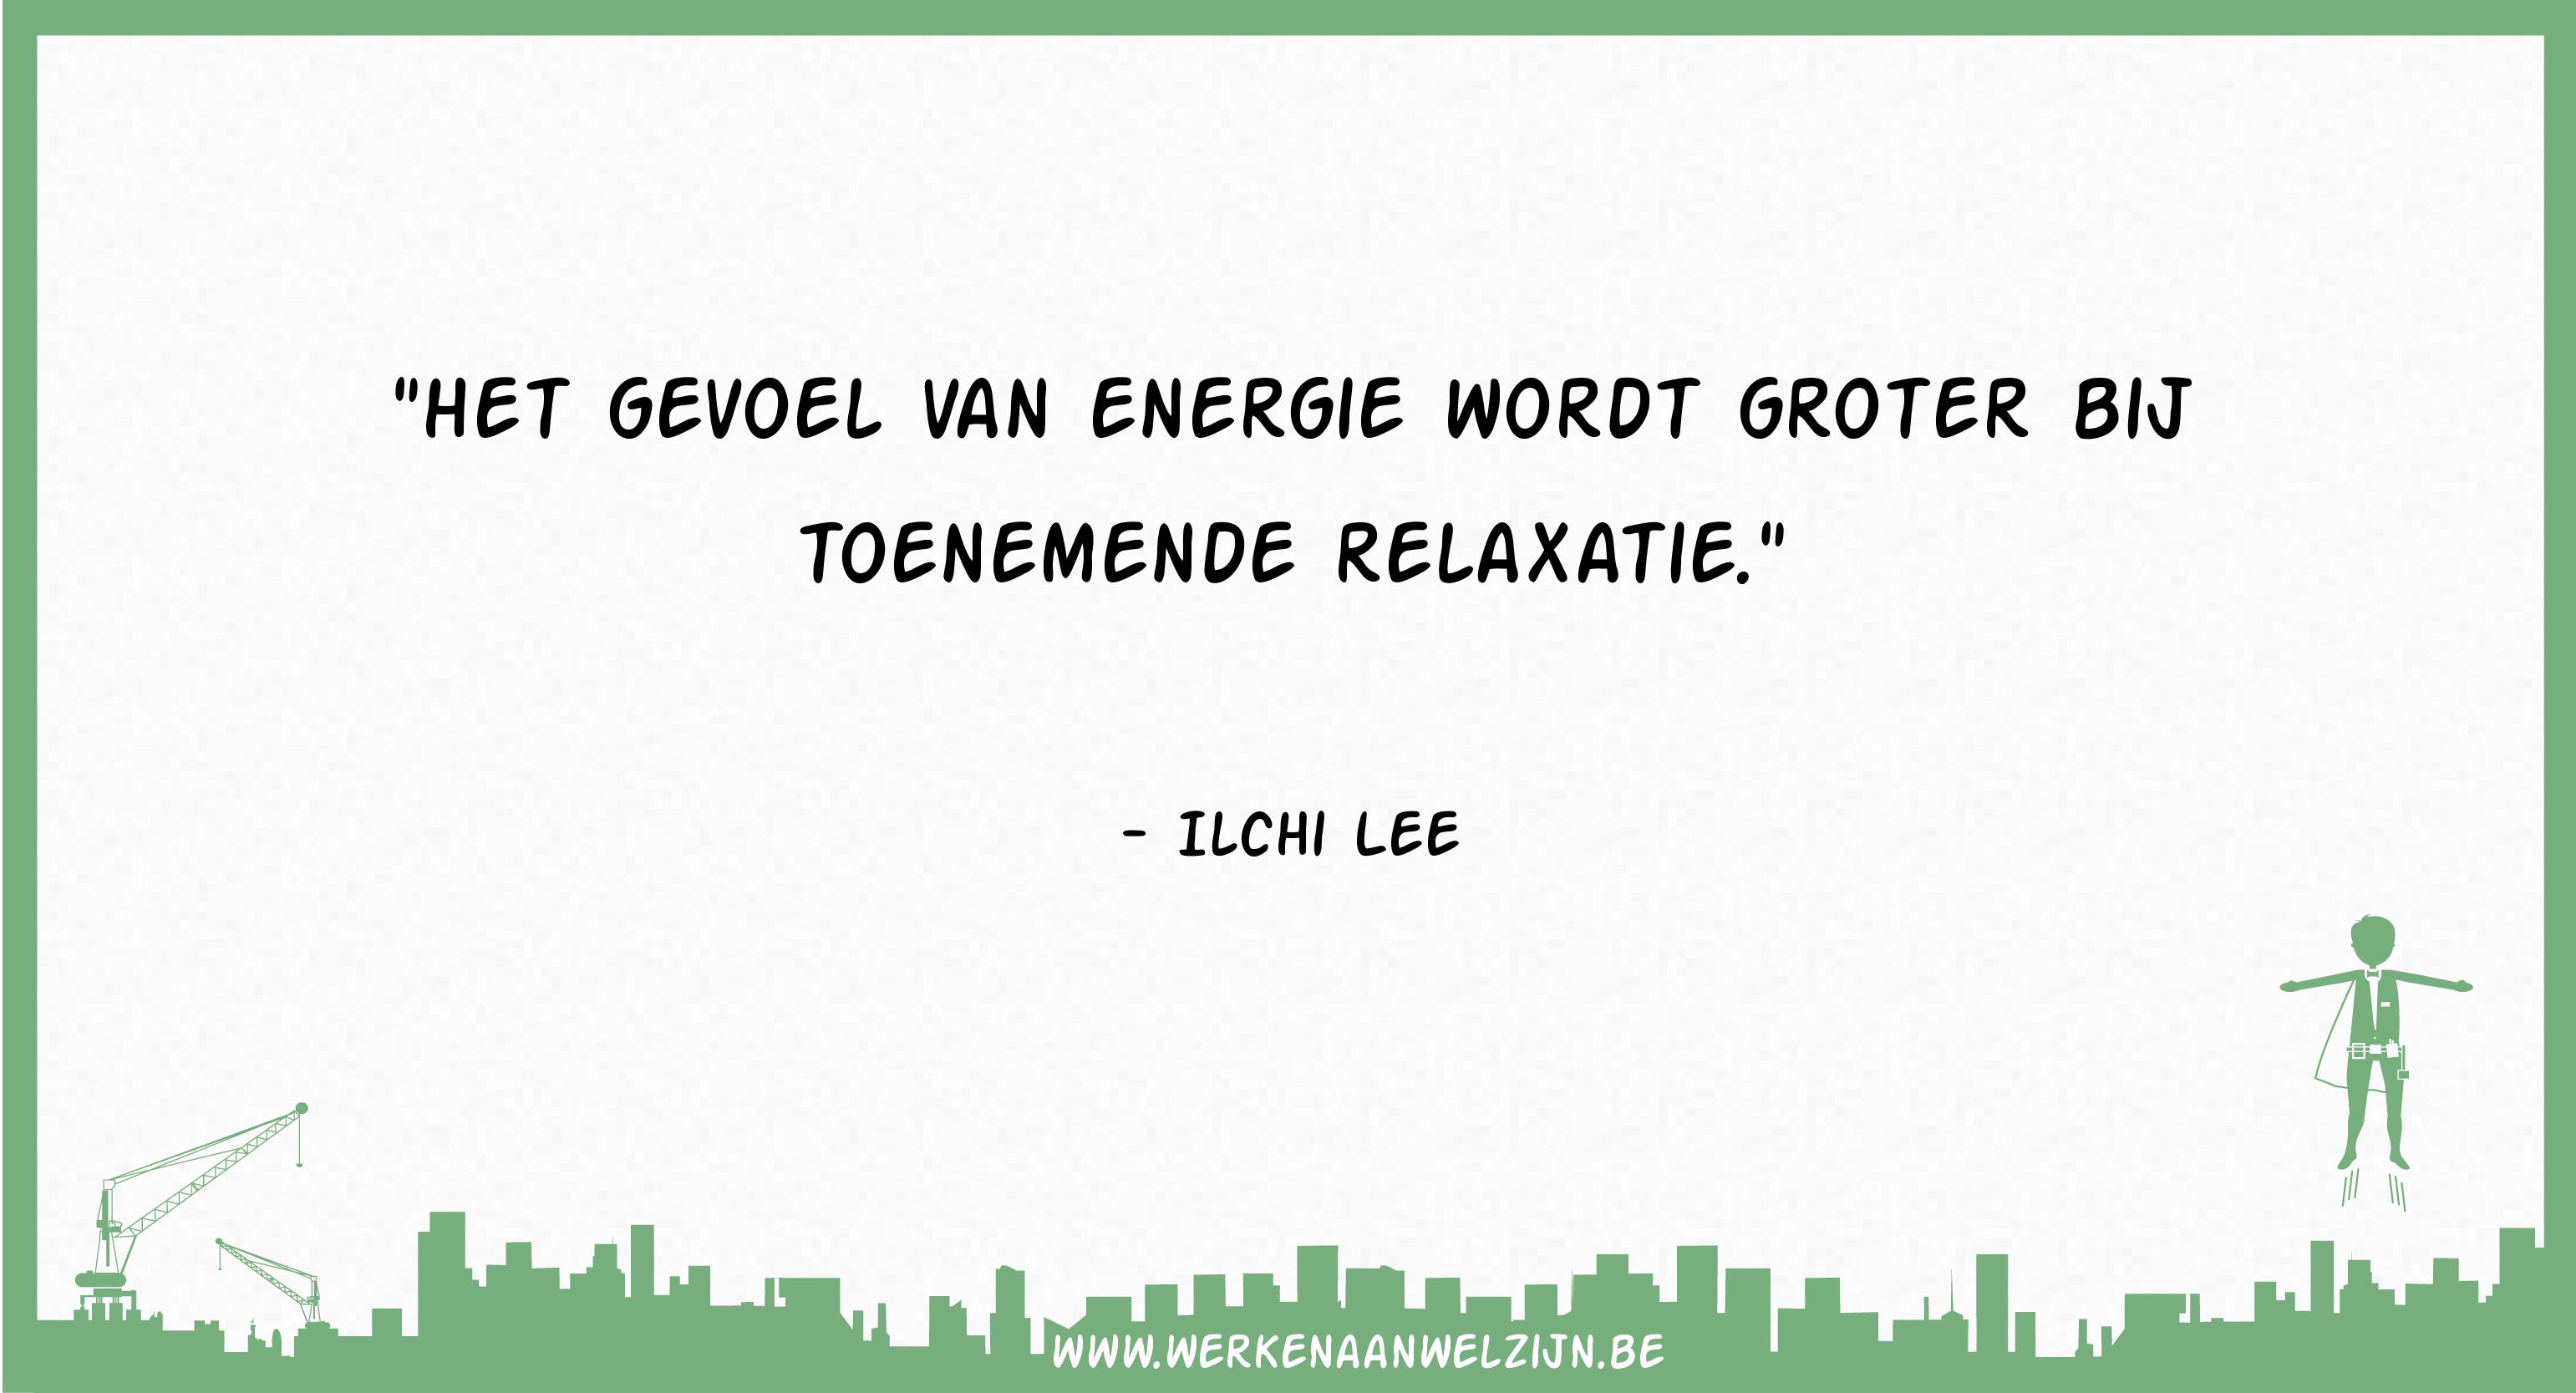 Het gevoel van energie wordt groter bij toenemende relaxatie (Ilchi Lee)